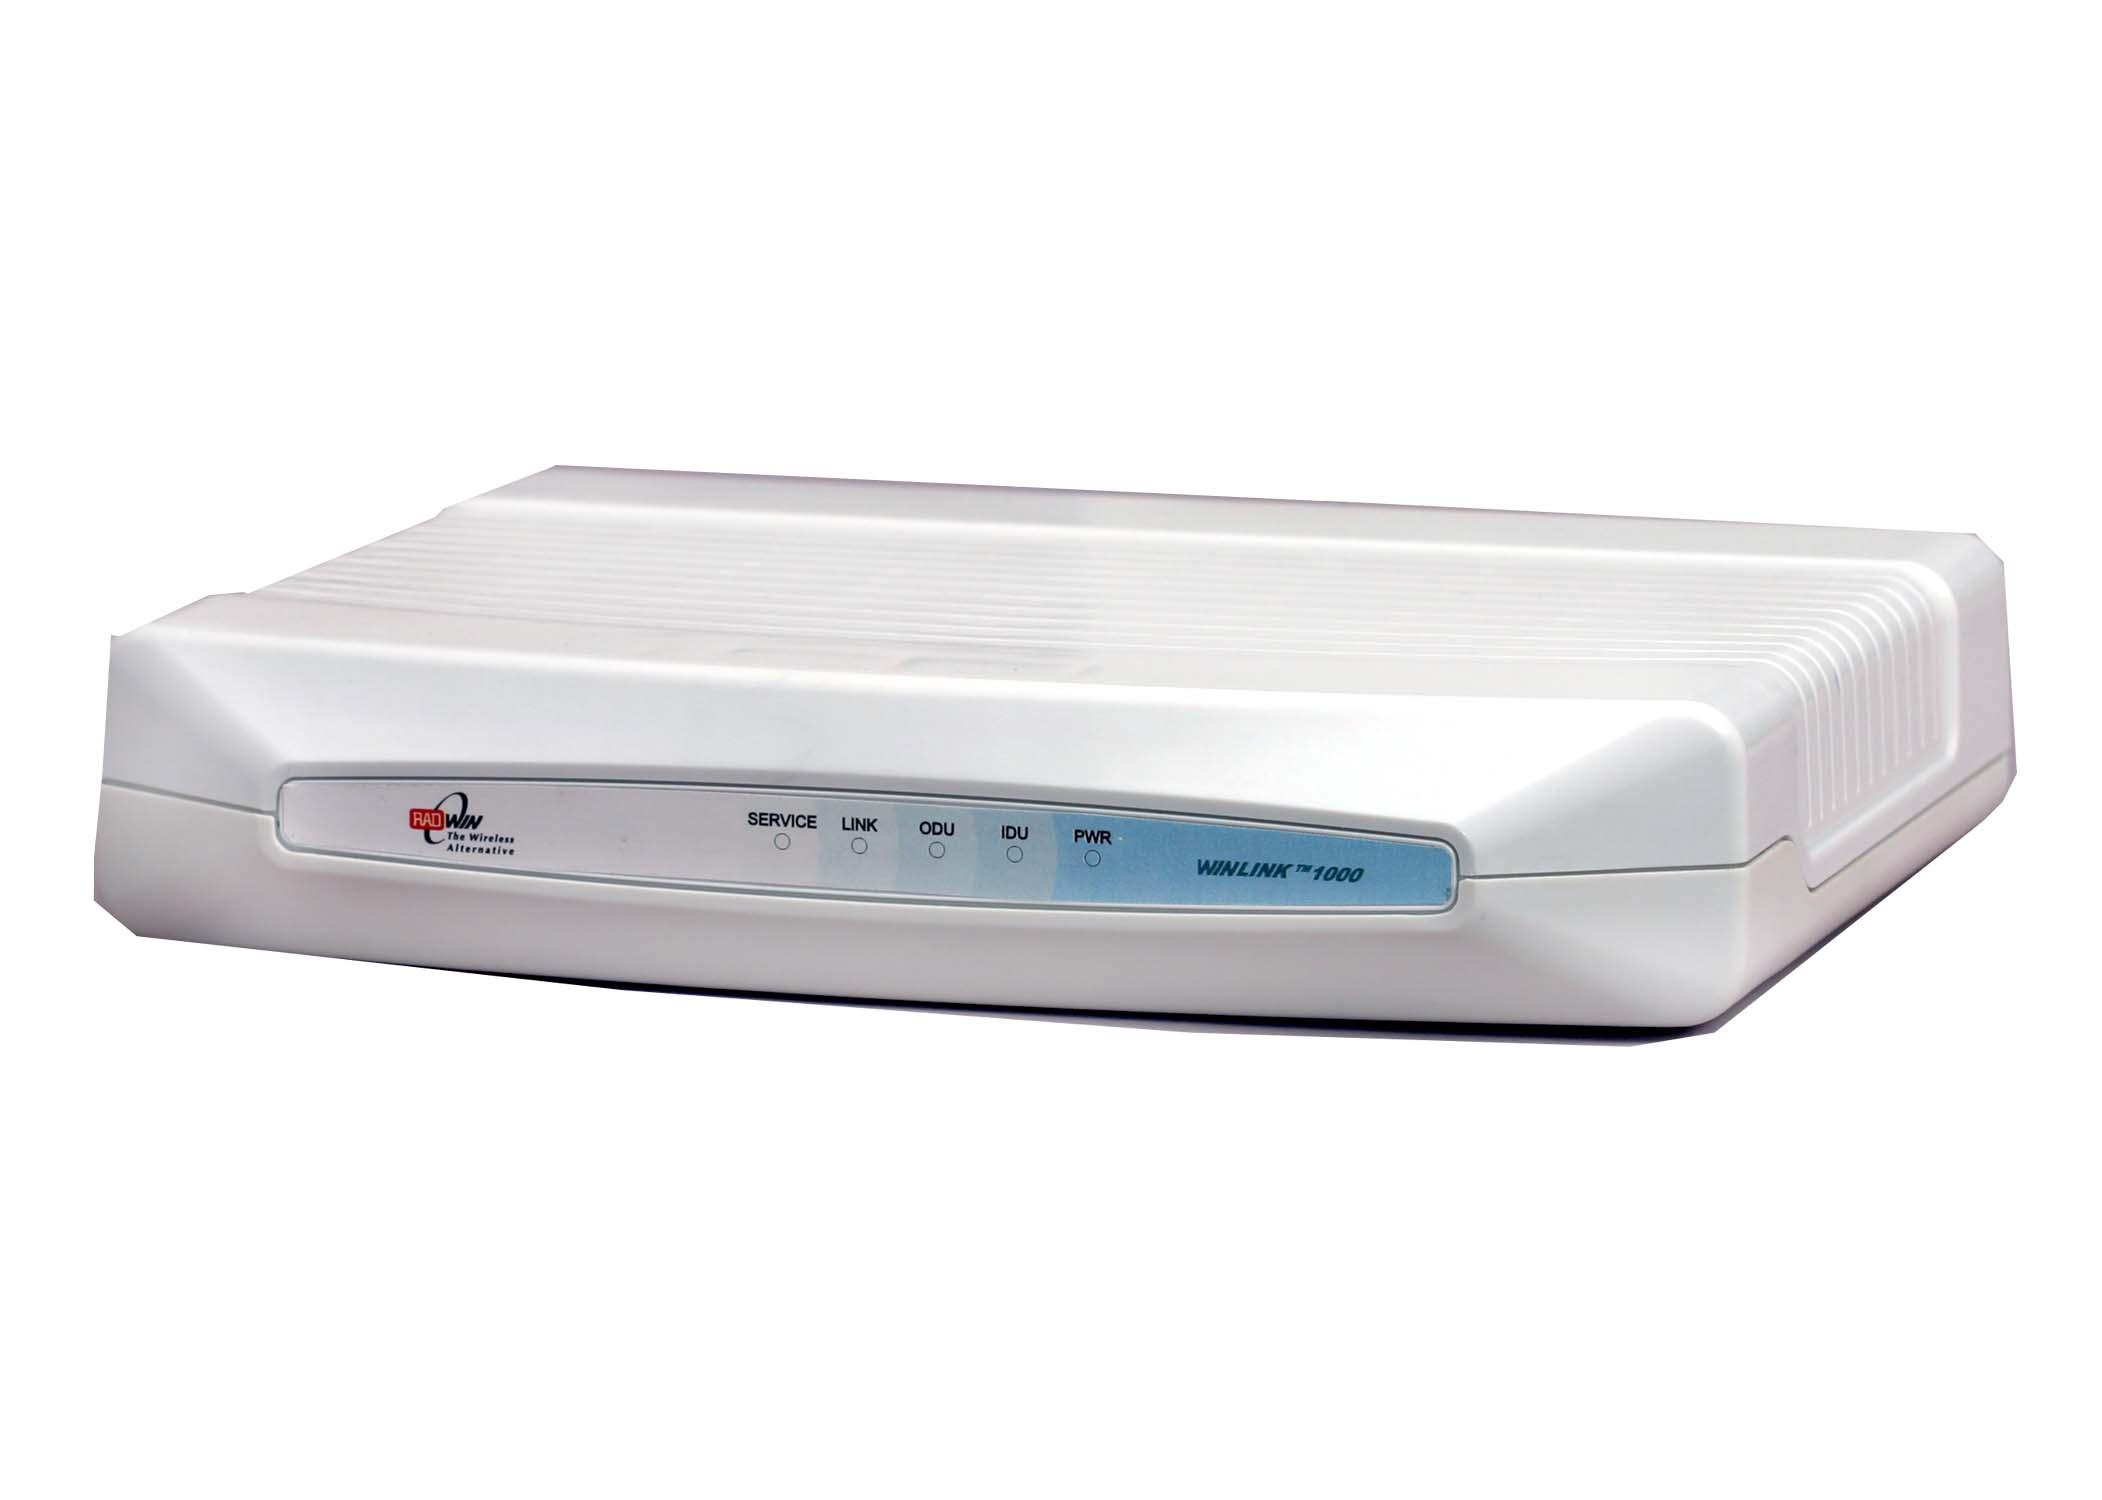 WL1000-IDU-R-T1 ���������� ���� ��� �������������� 1 ������ T1 RADWIN WL1000-IDU-R-T1 AT0065151; 2 ����� Ethernet �